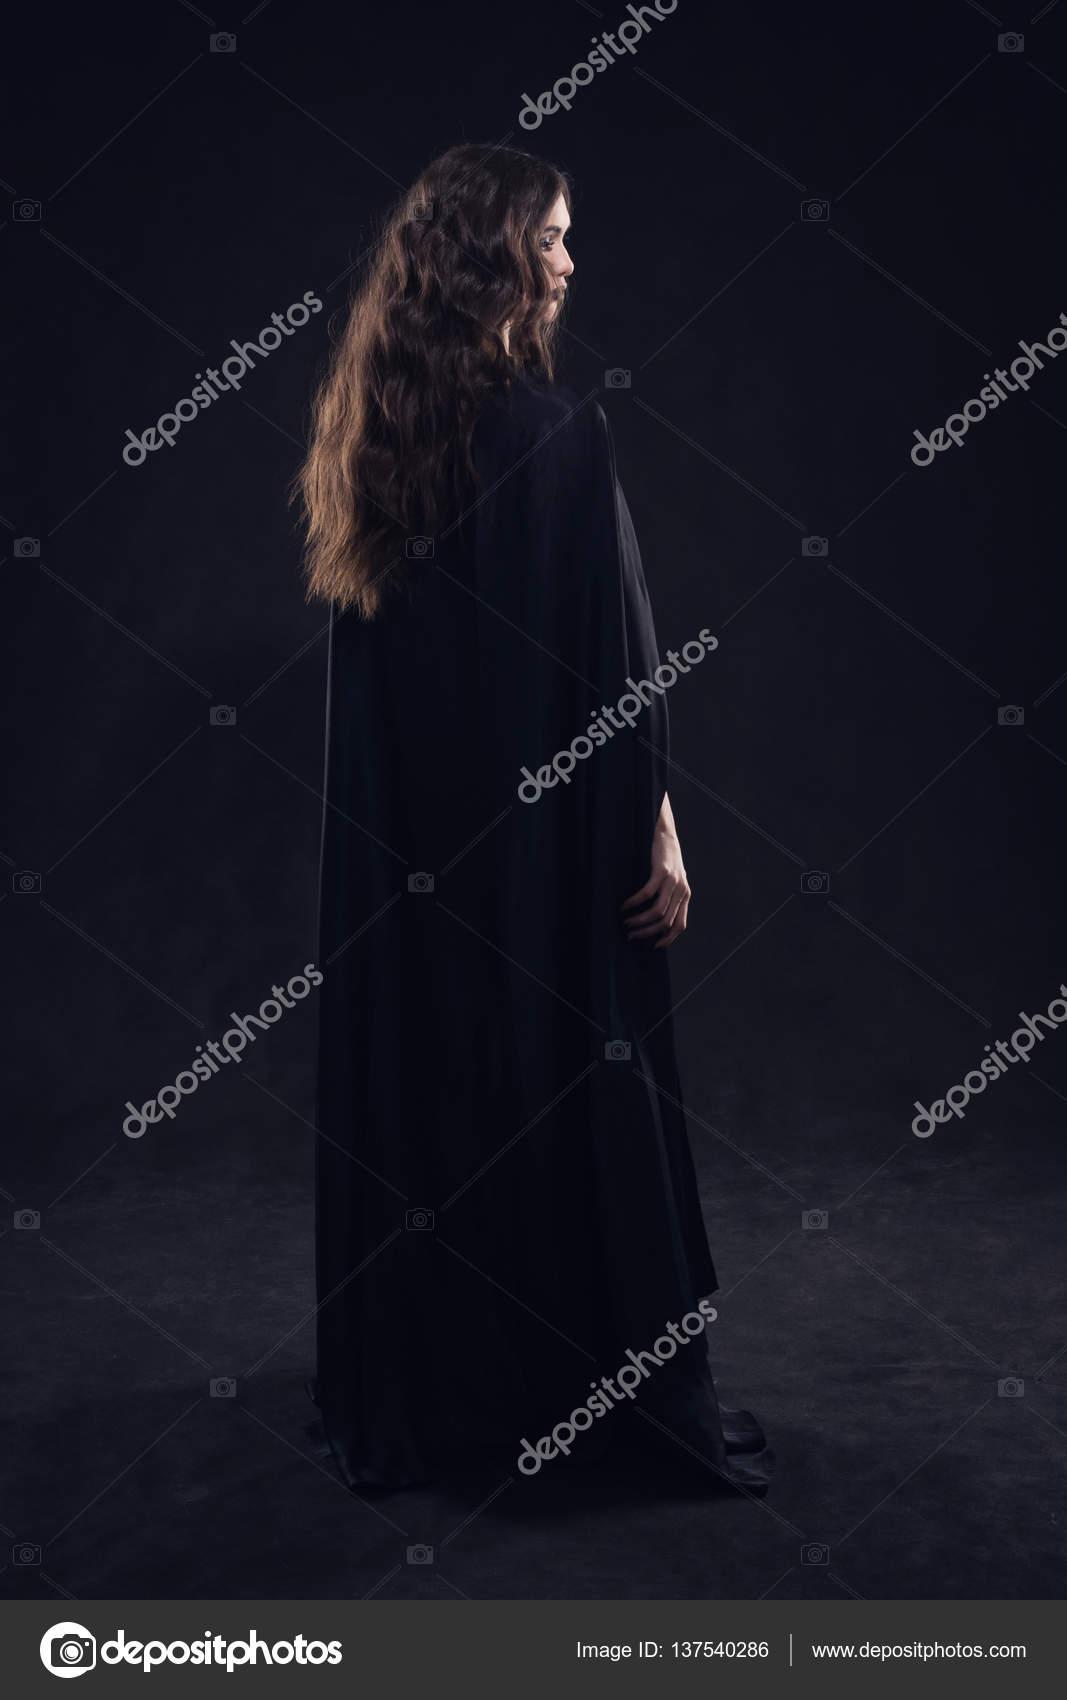 Gothic girl naked